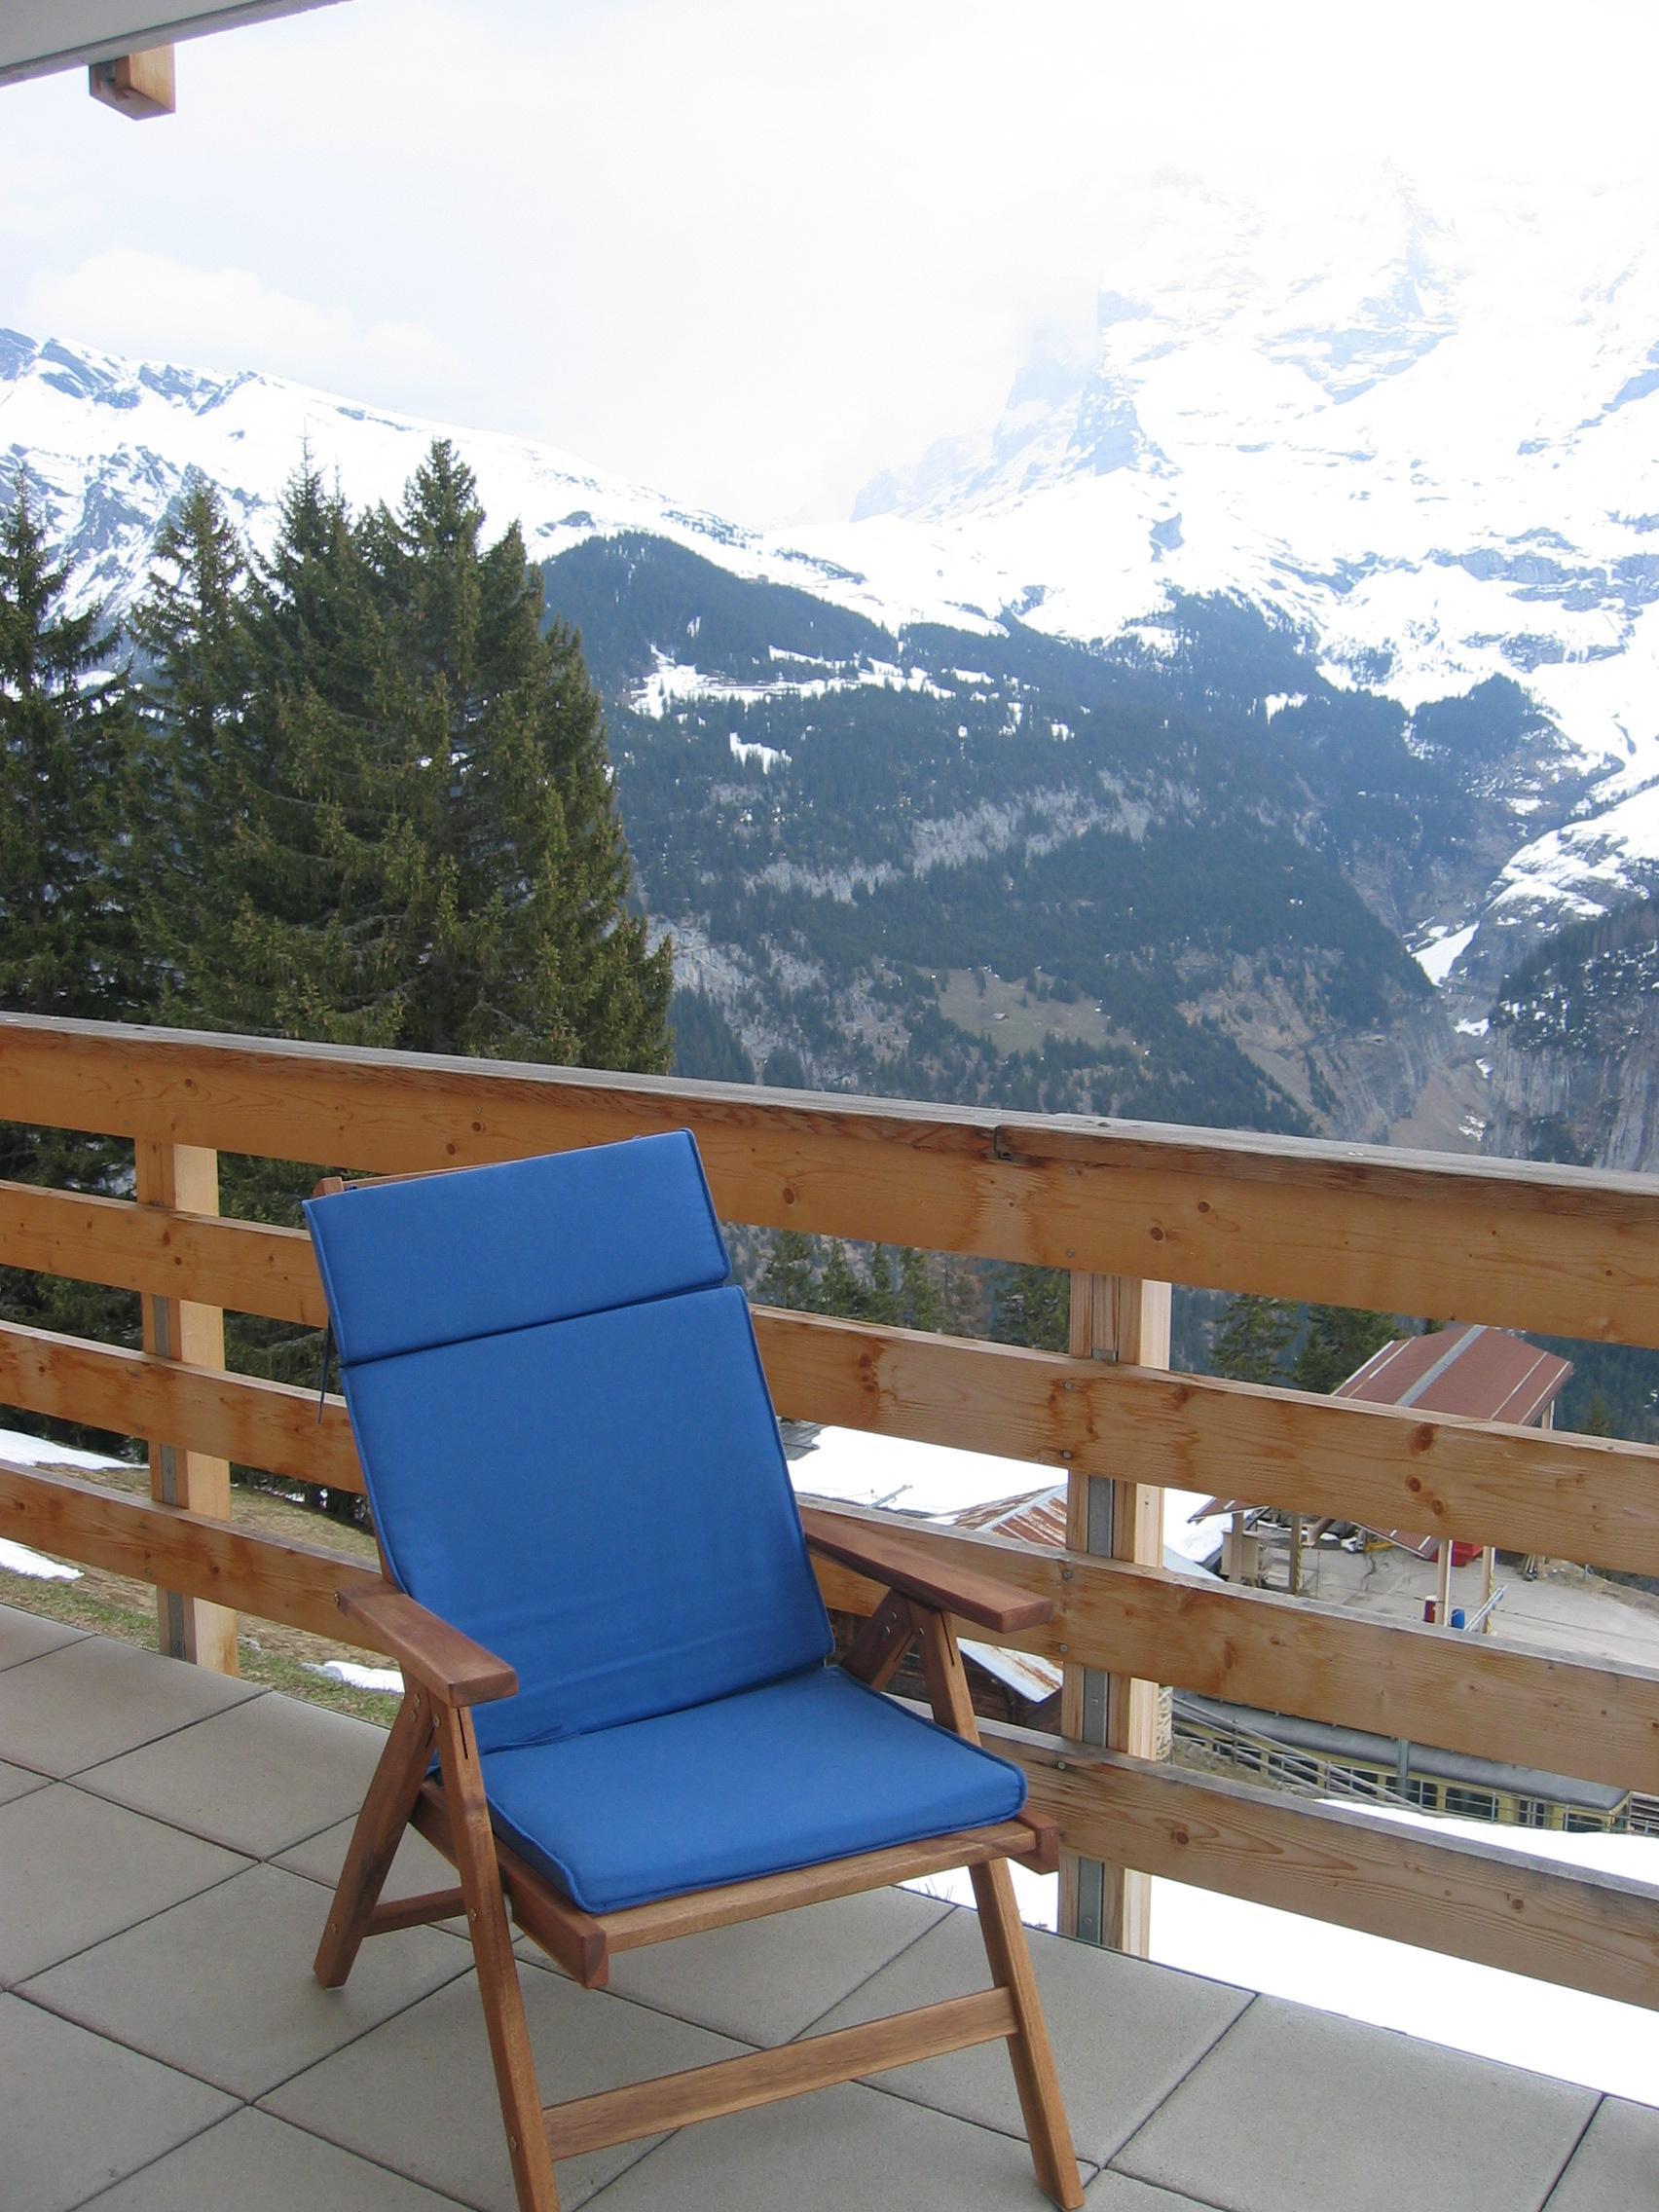 Appartement de vacances Nollen 6 Bett Wohnung Obj. M6004 (887254), Mürren, Région de la Jungfrau, Oberland bernois, Suisse, image 7